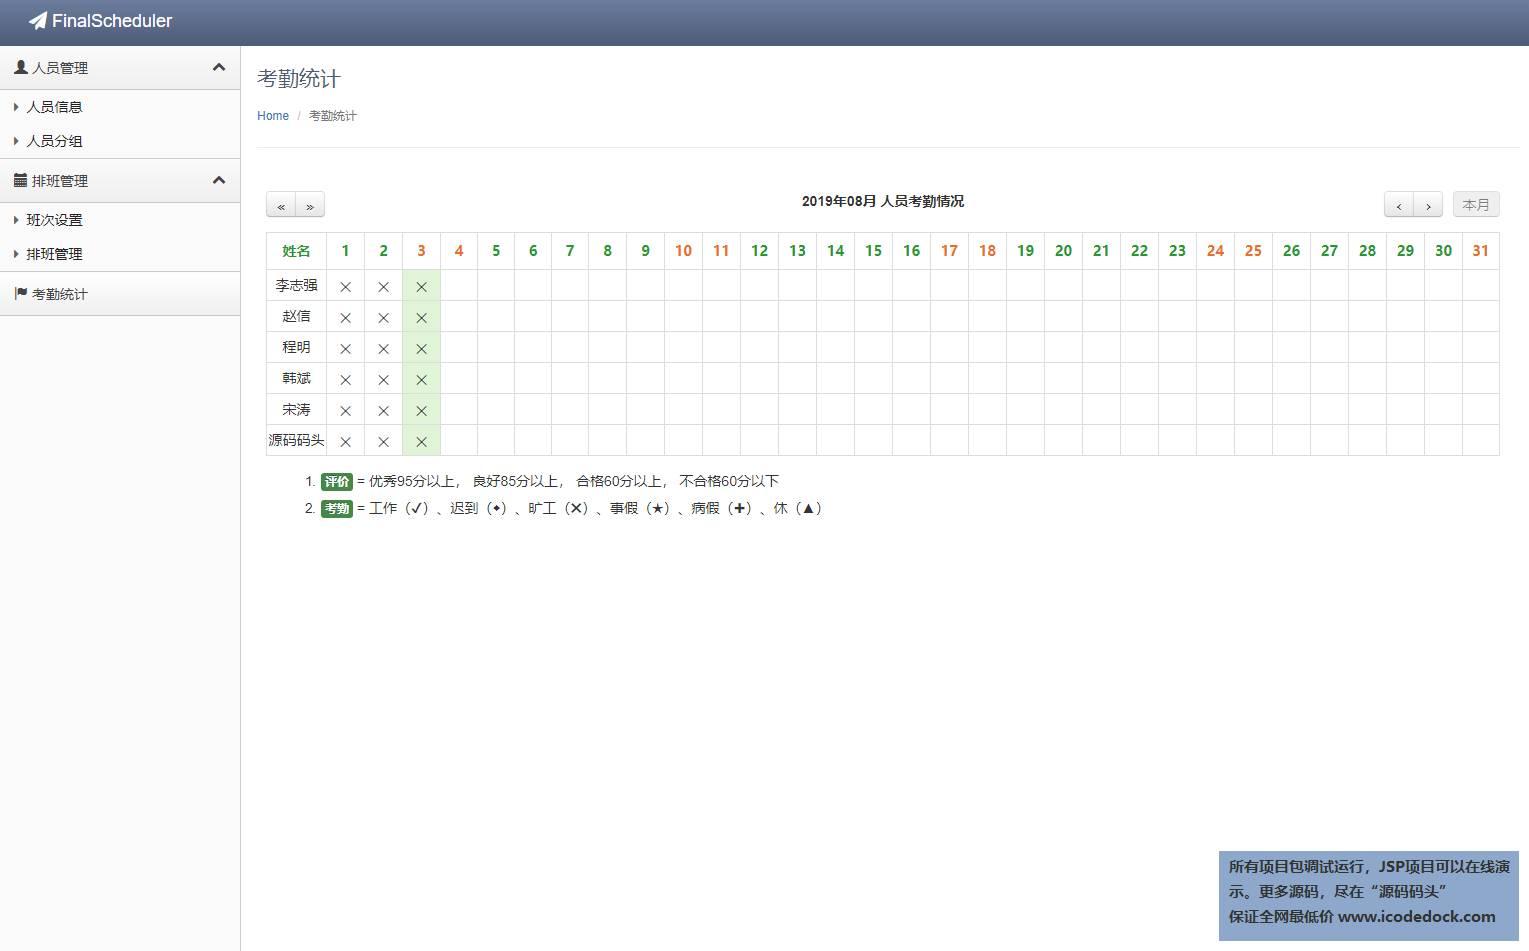 源码码头-Spring自动排班管理系统-管理员角色-考勤展示(demo)